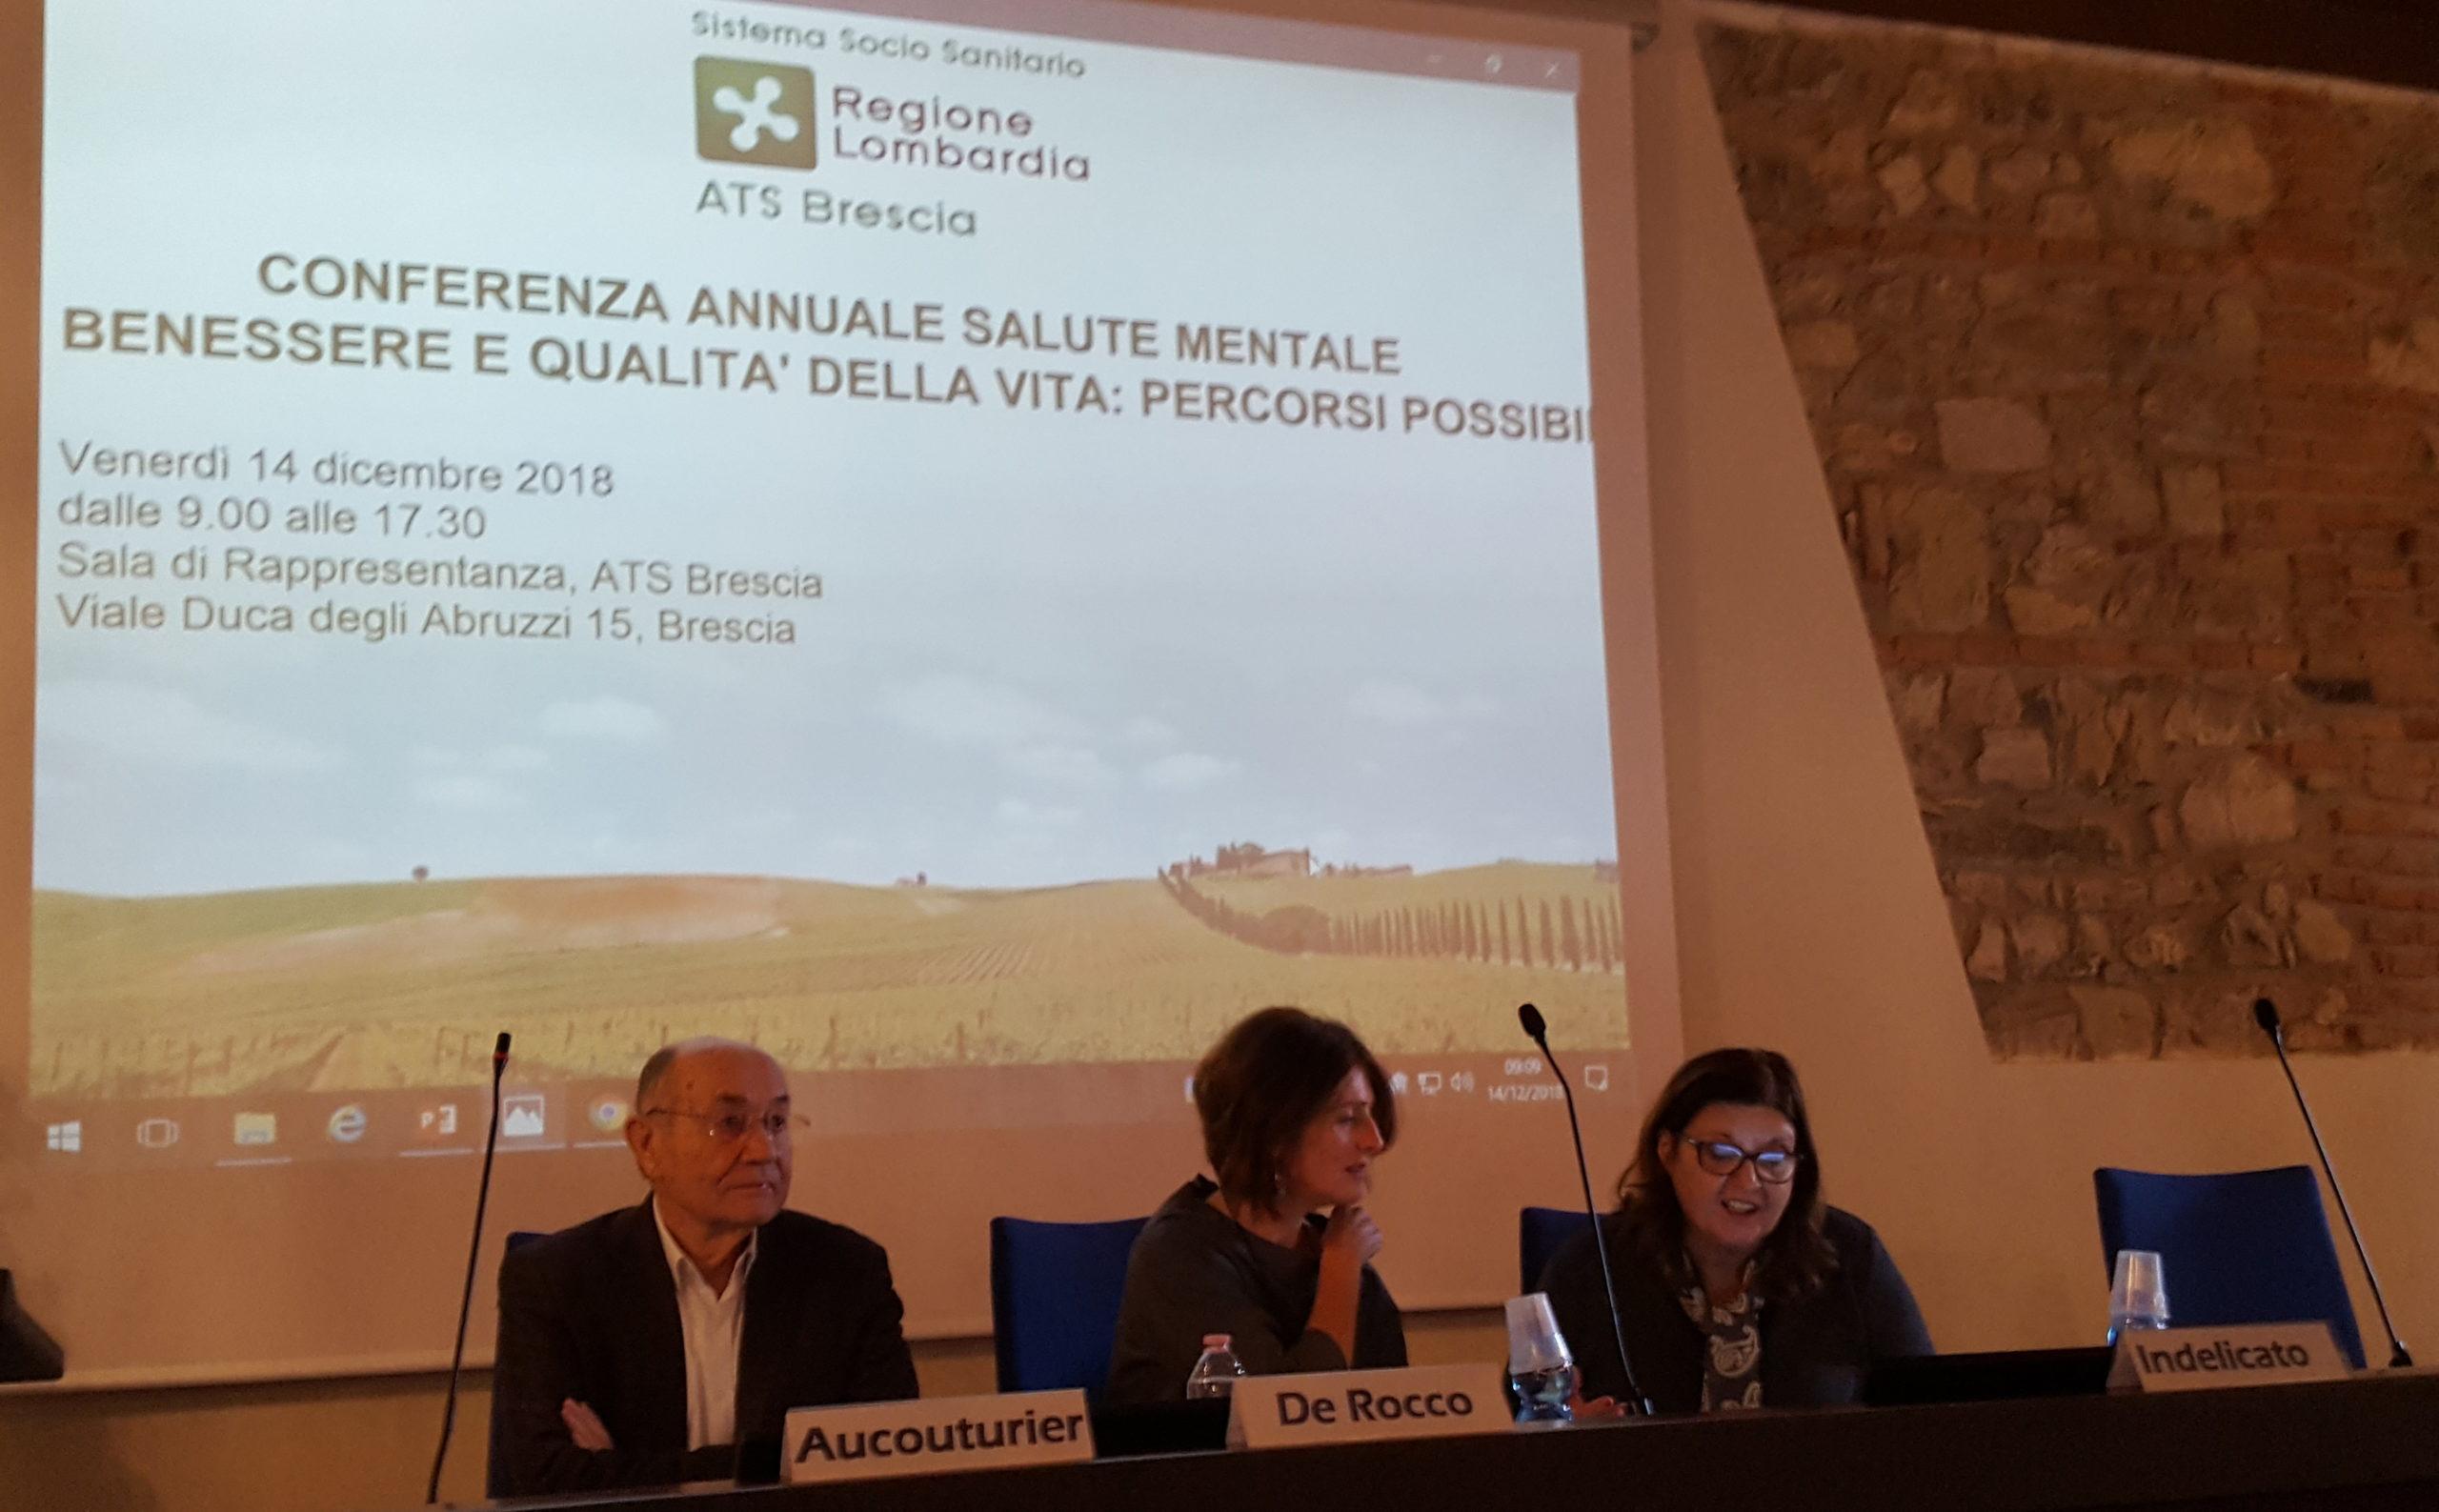 CONFERENZA SULLA SALUTE MENTALE 2019 – ATS DI BRESCIA